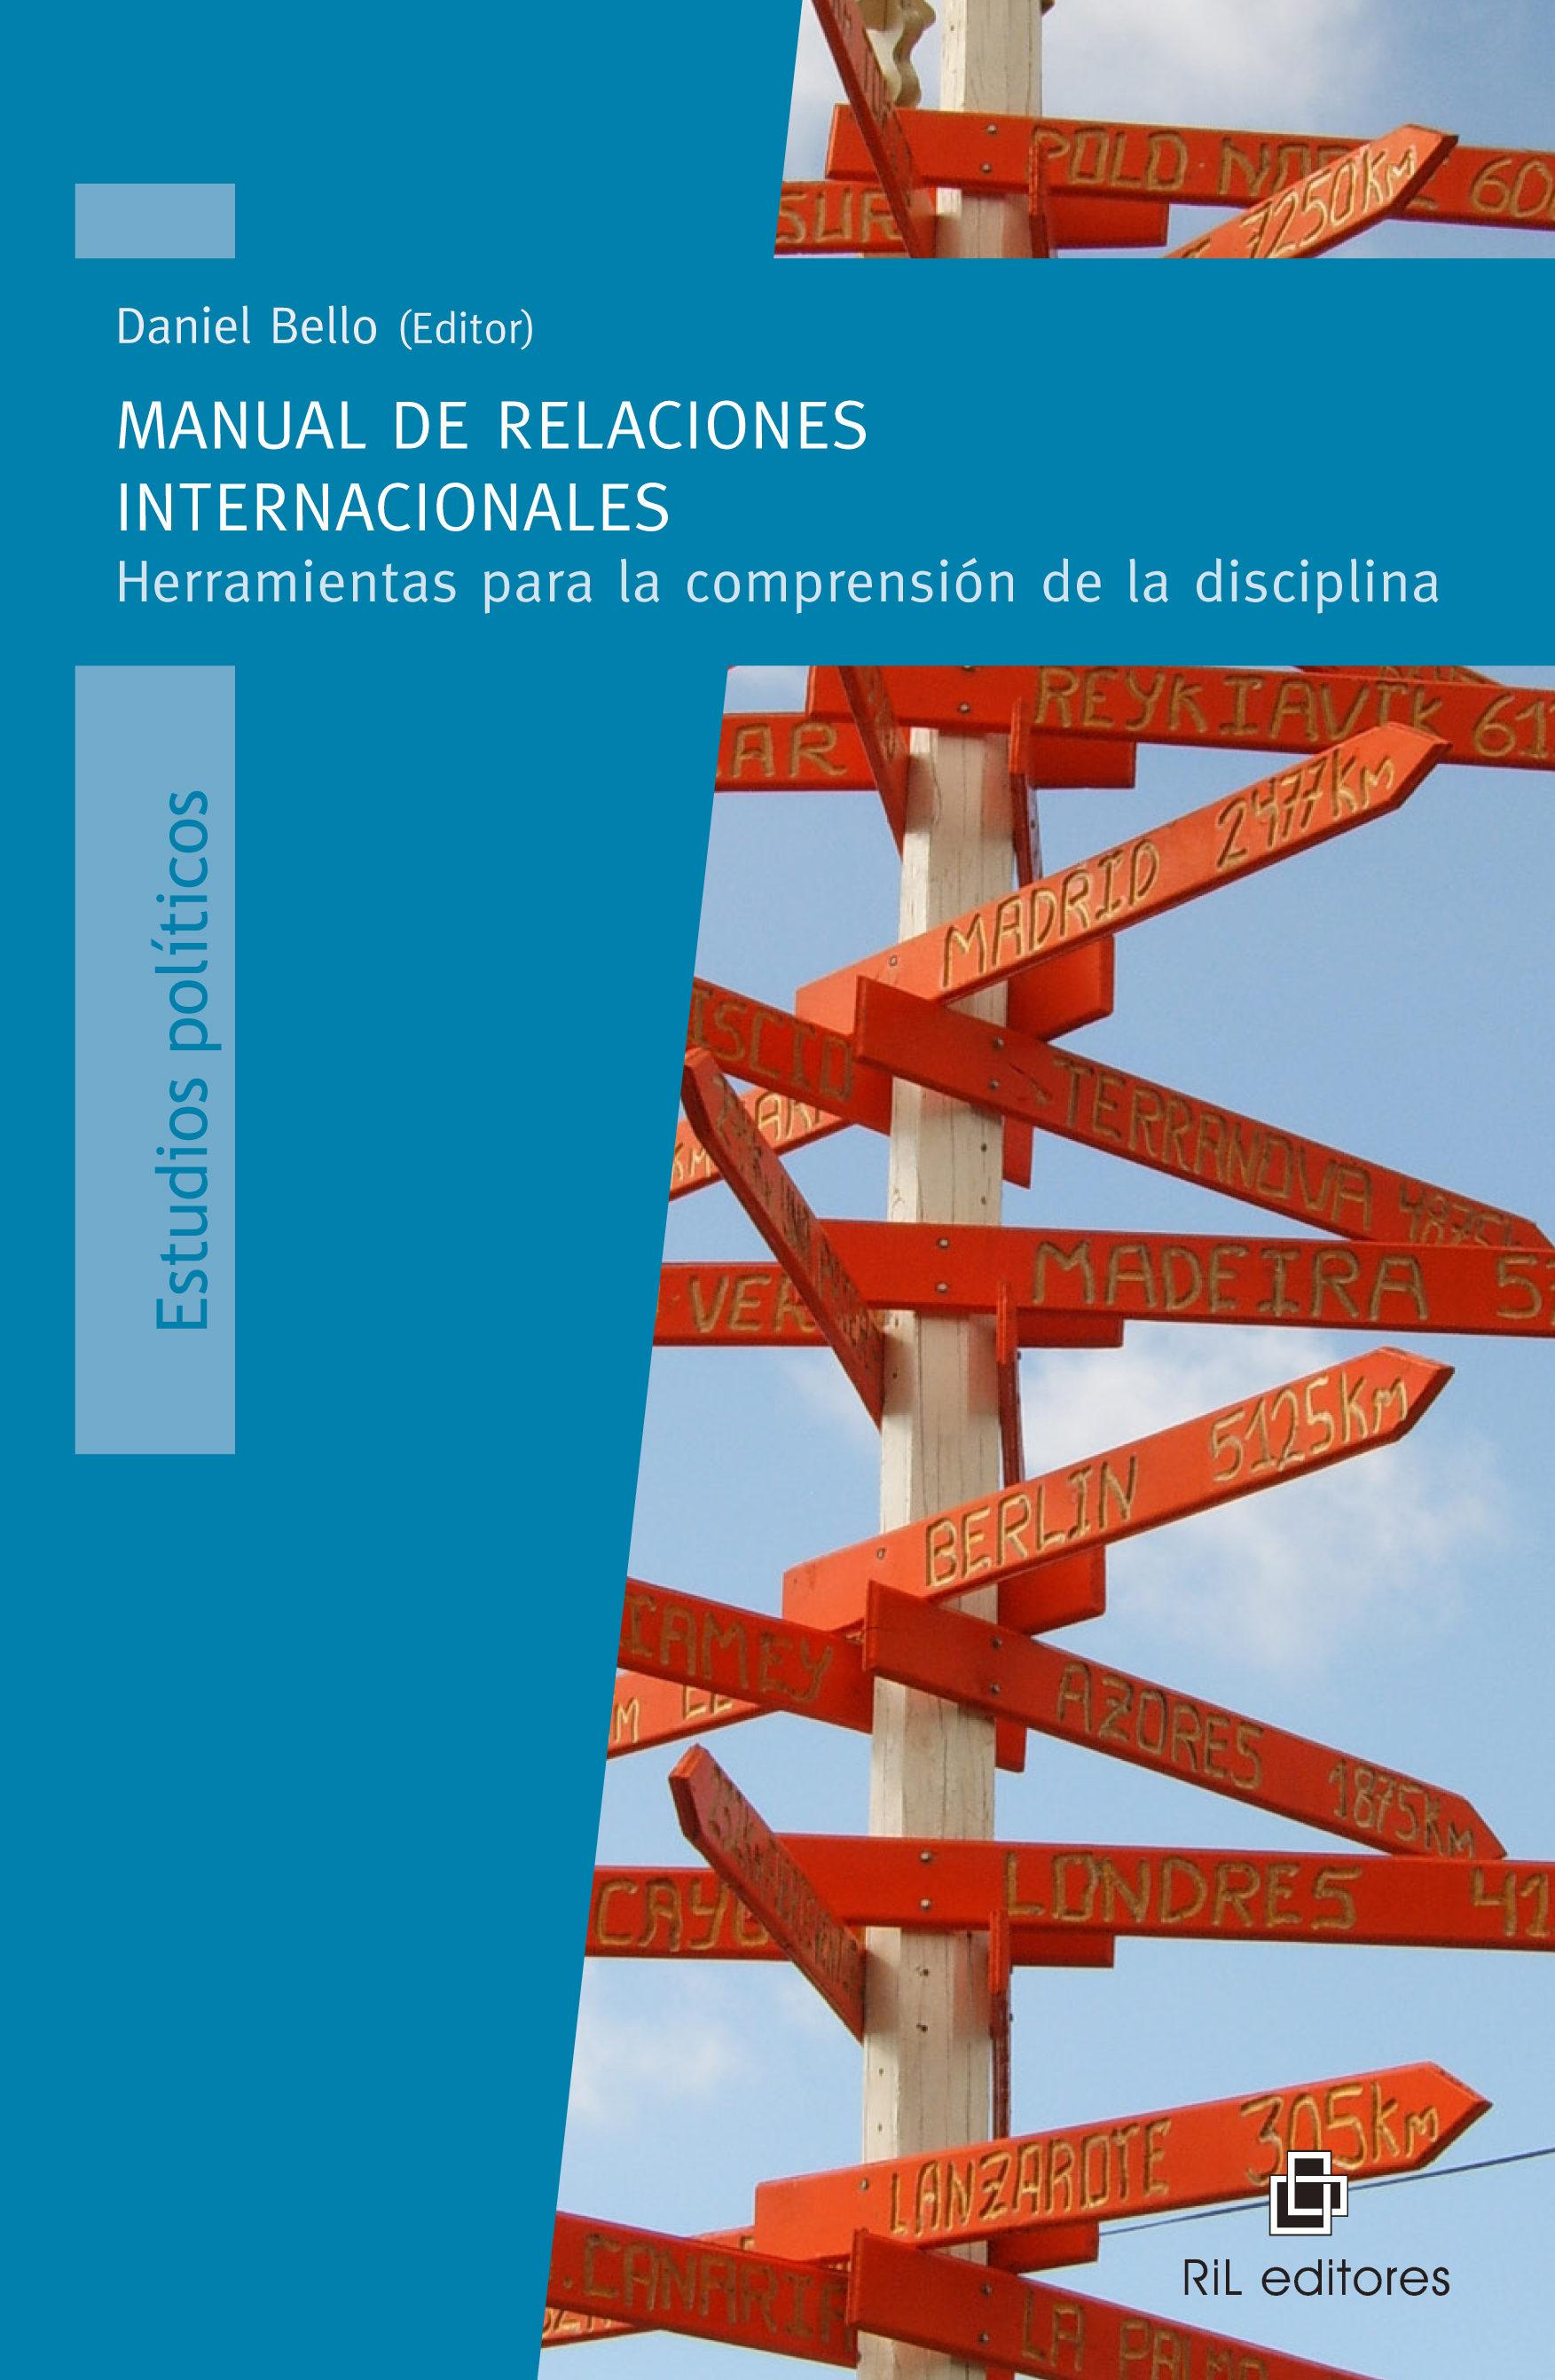 MANUAL DE RELACIONES INTERNACIONALES (EBOOK)